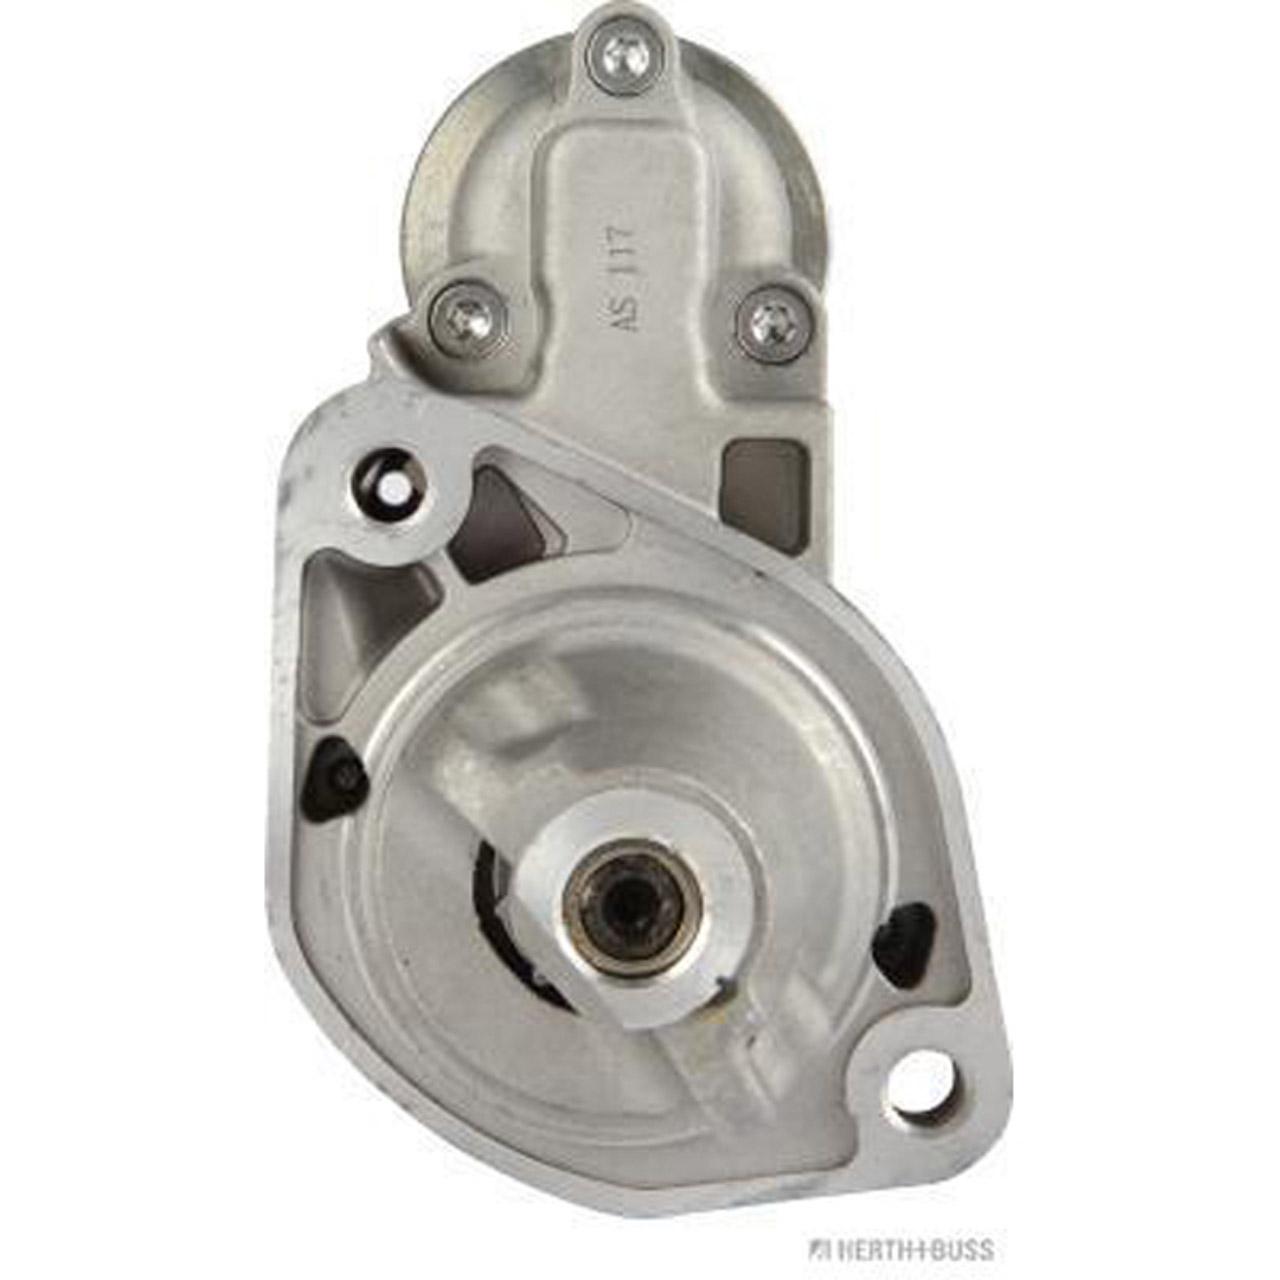 HERTH+BUSS Anlasser Starter 12V 2,1kW für MERCEDES AMG GT W205 W212 W463 W166 W